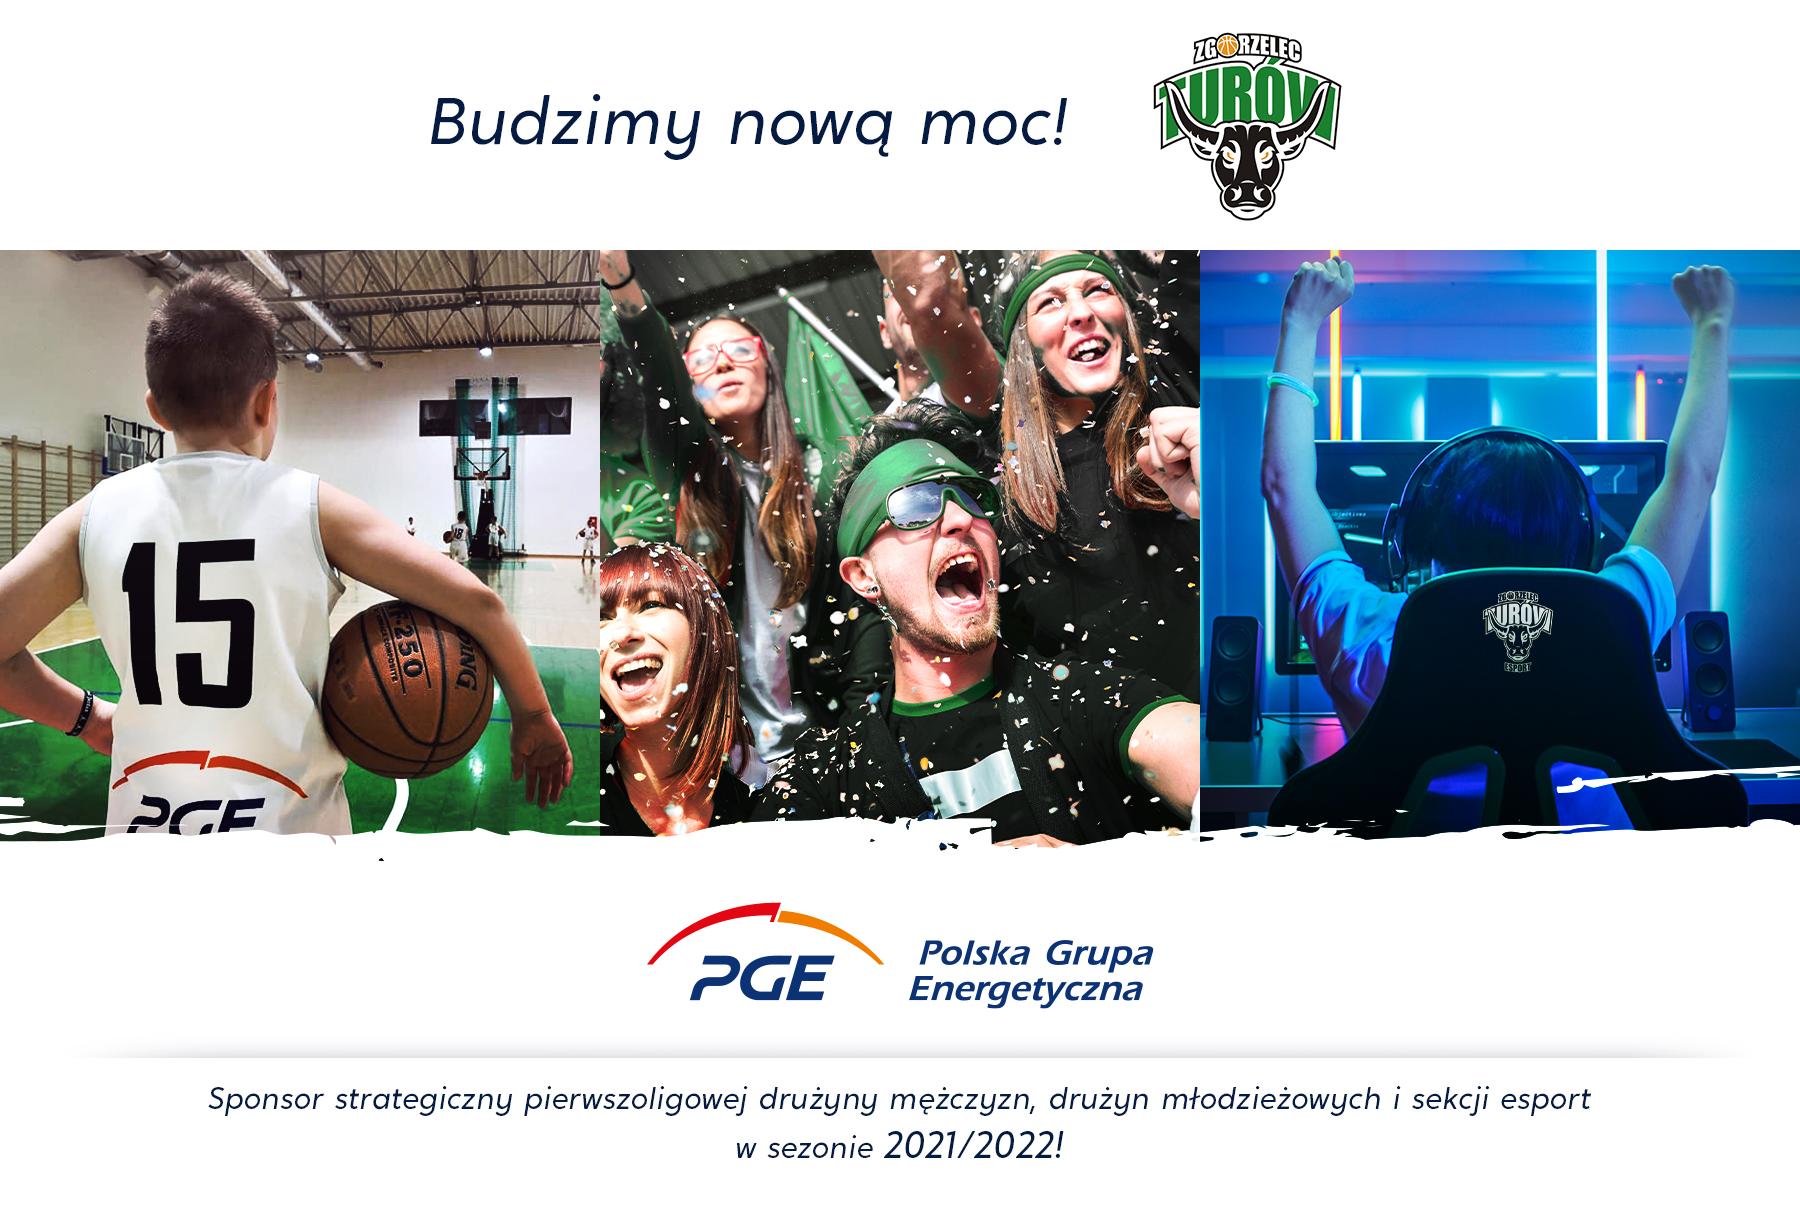 pge-sponsorem-strategicznym-druzyny-koszykarskiej-turow-zgorzelec.jpg